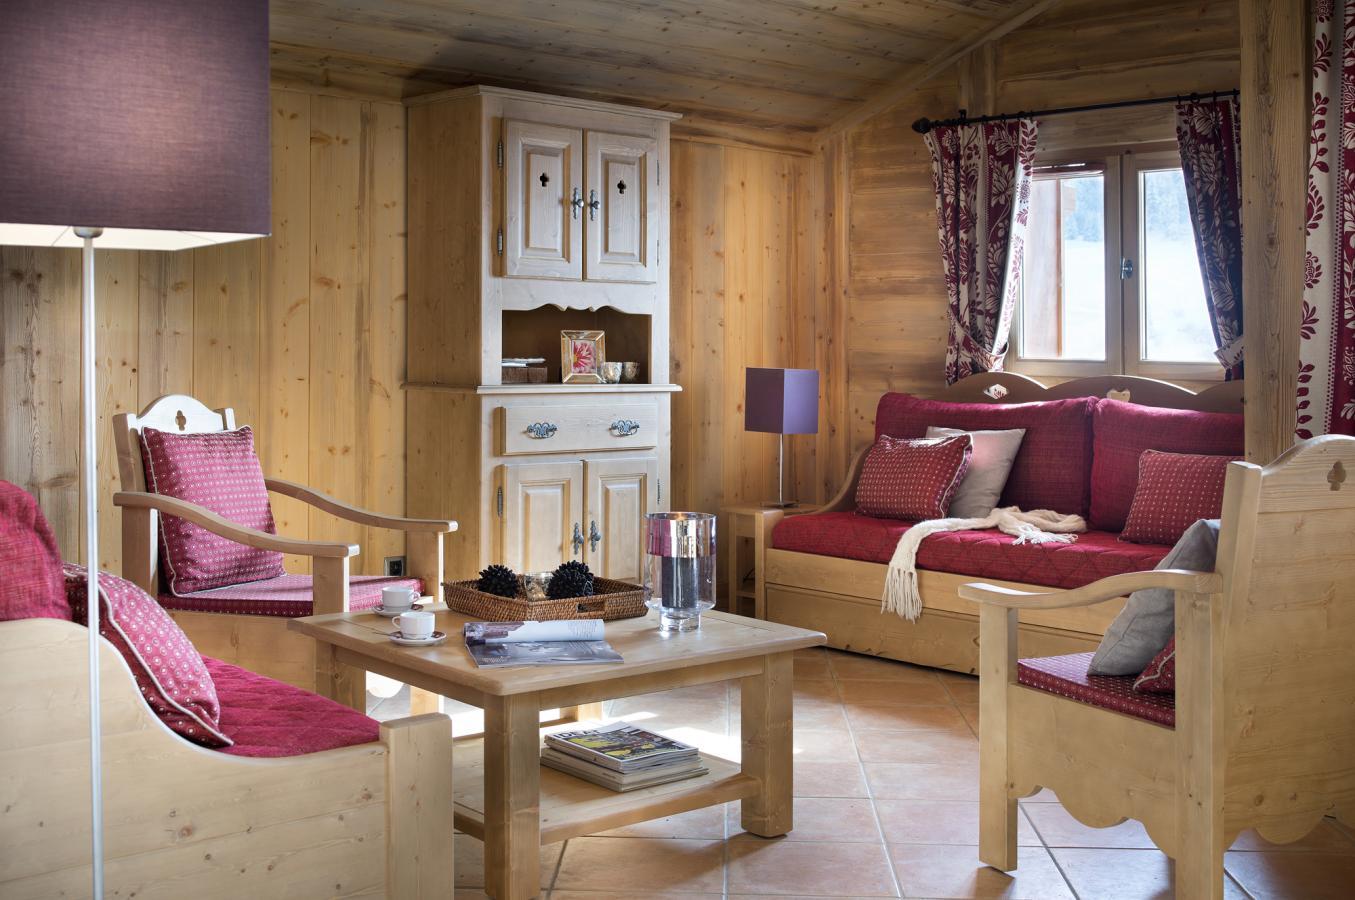 R sidence le village de lessy partir de 762 location vacances montagne le grand bornand - Residence de luxe montagne locati ...